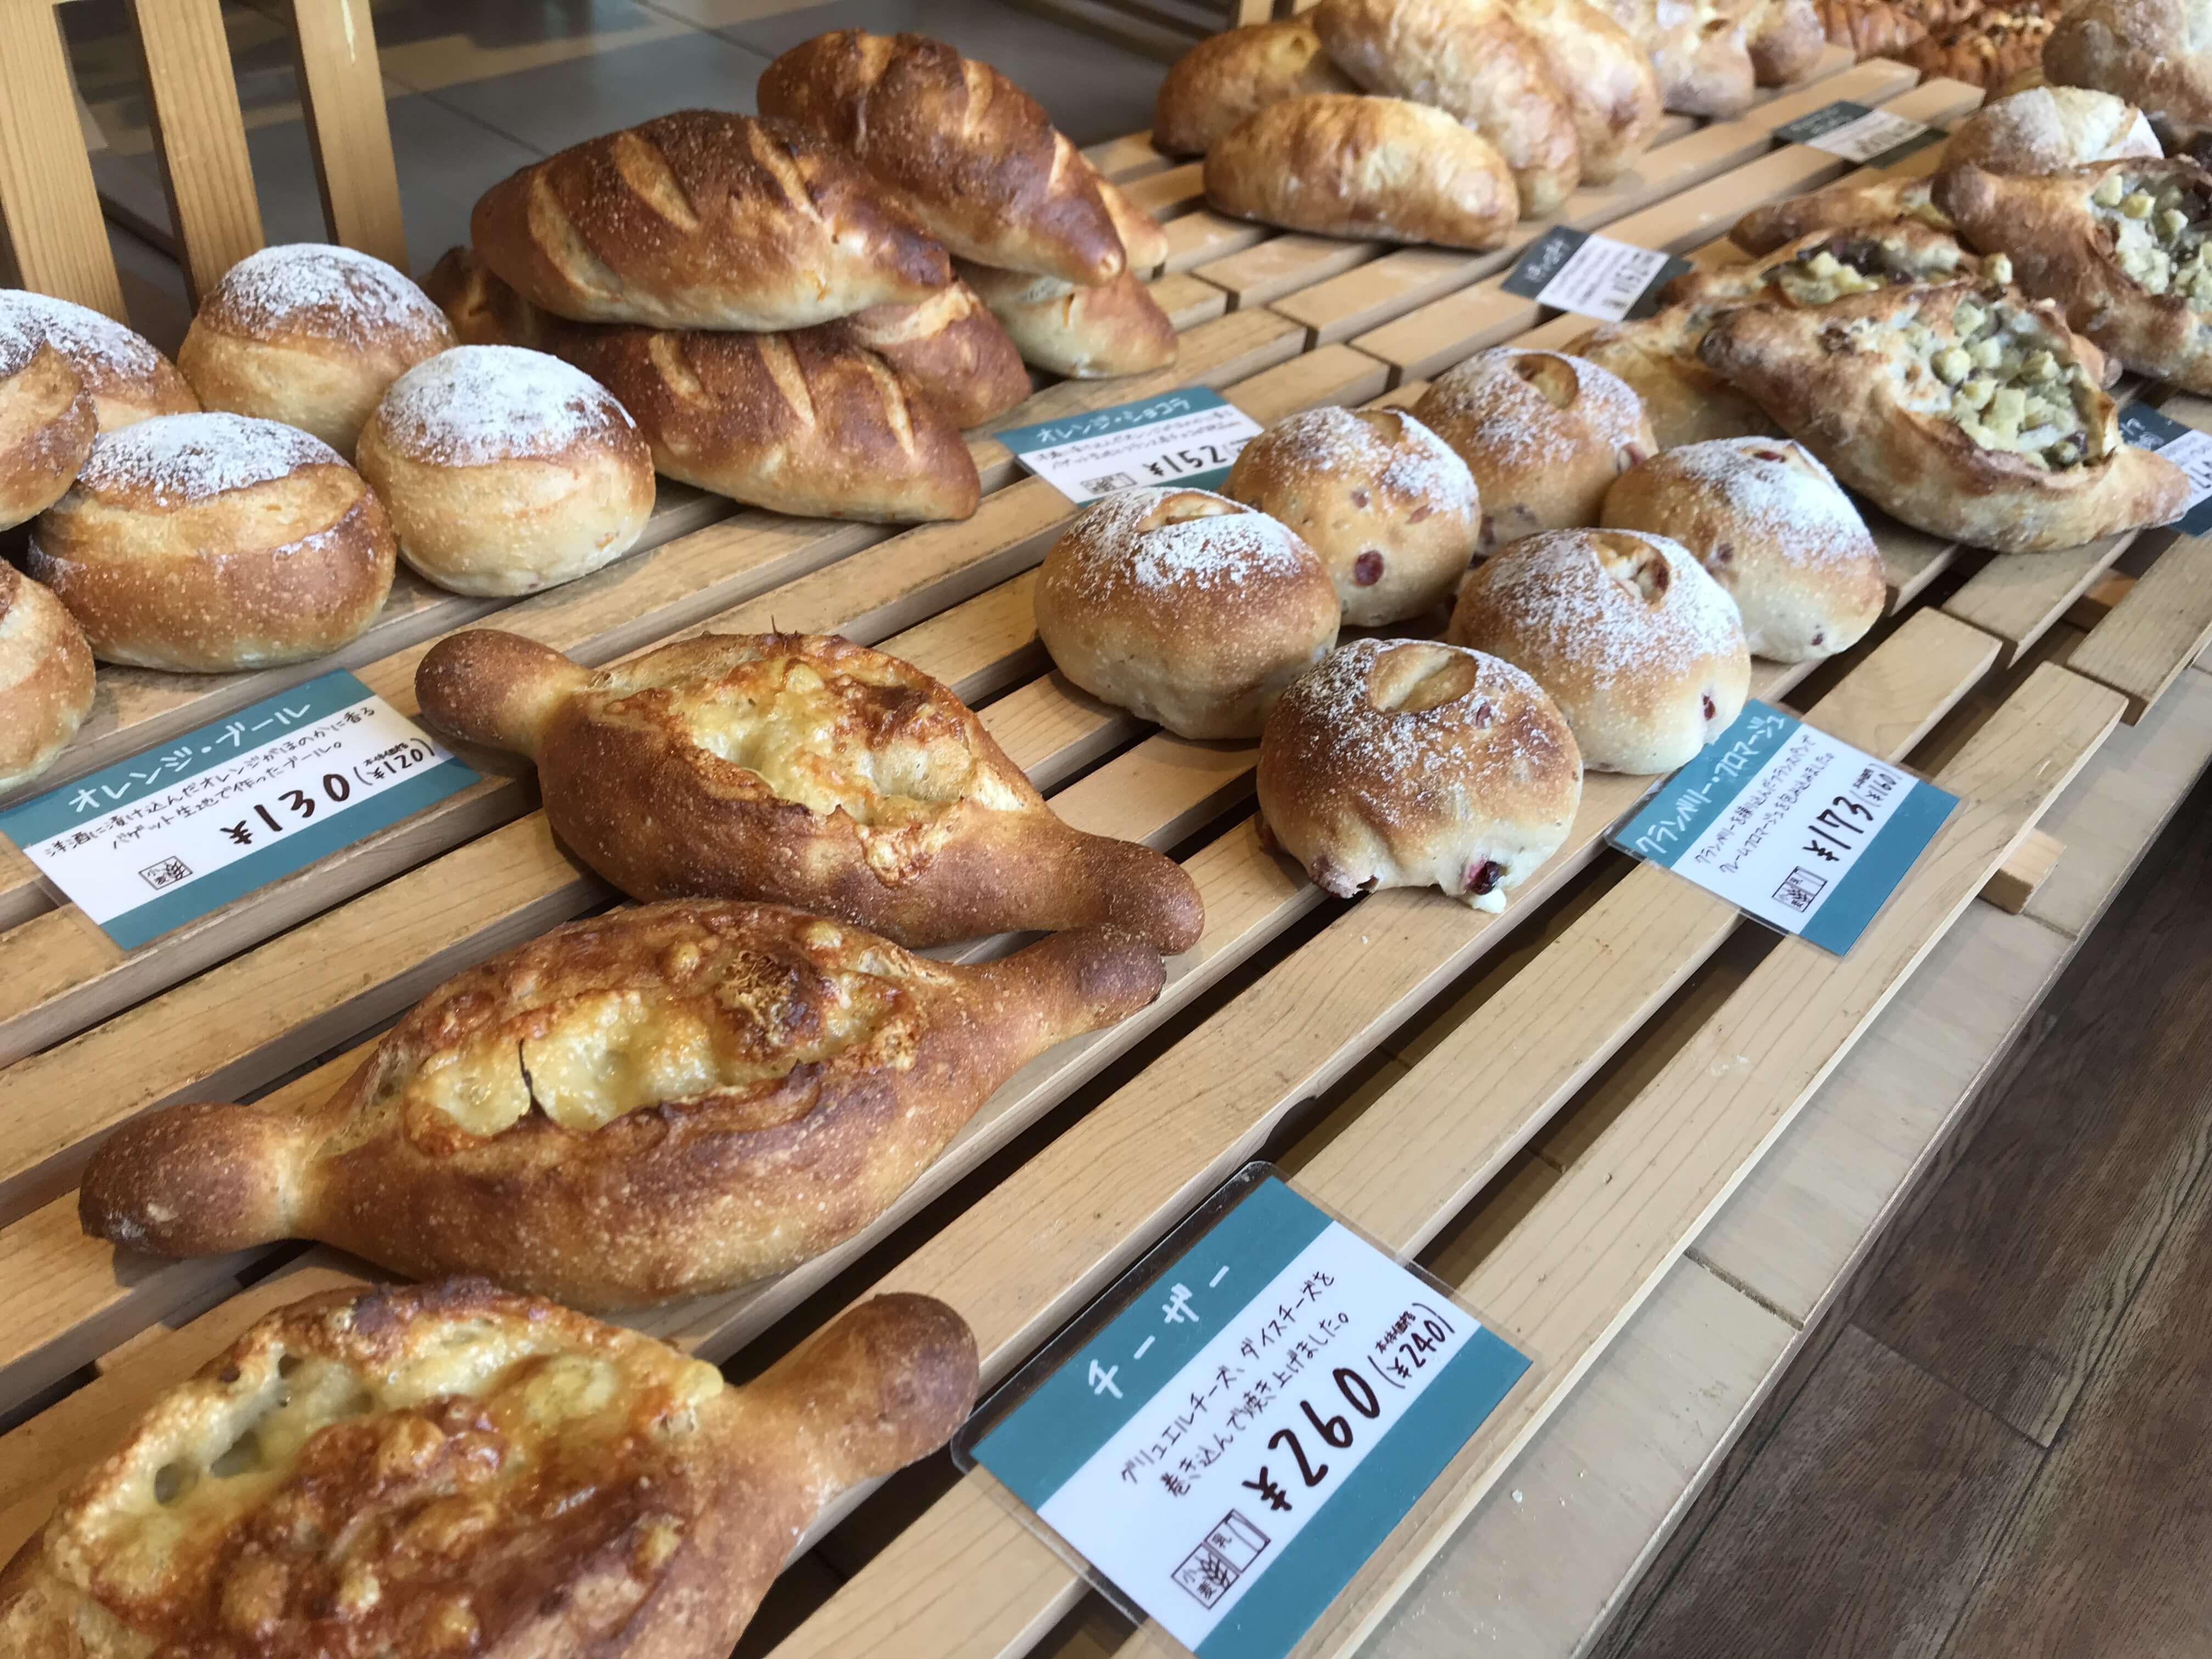 『Bakery & Cafe MAPLE HOUSE』メープルハウスが手がけるパン屋さん!オーソドックスで食べやすいパンが豊富。